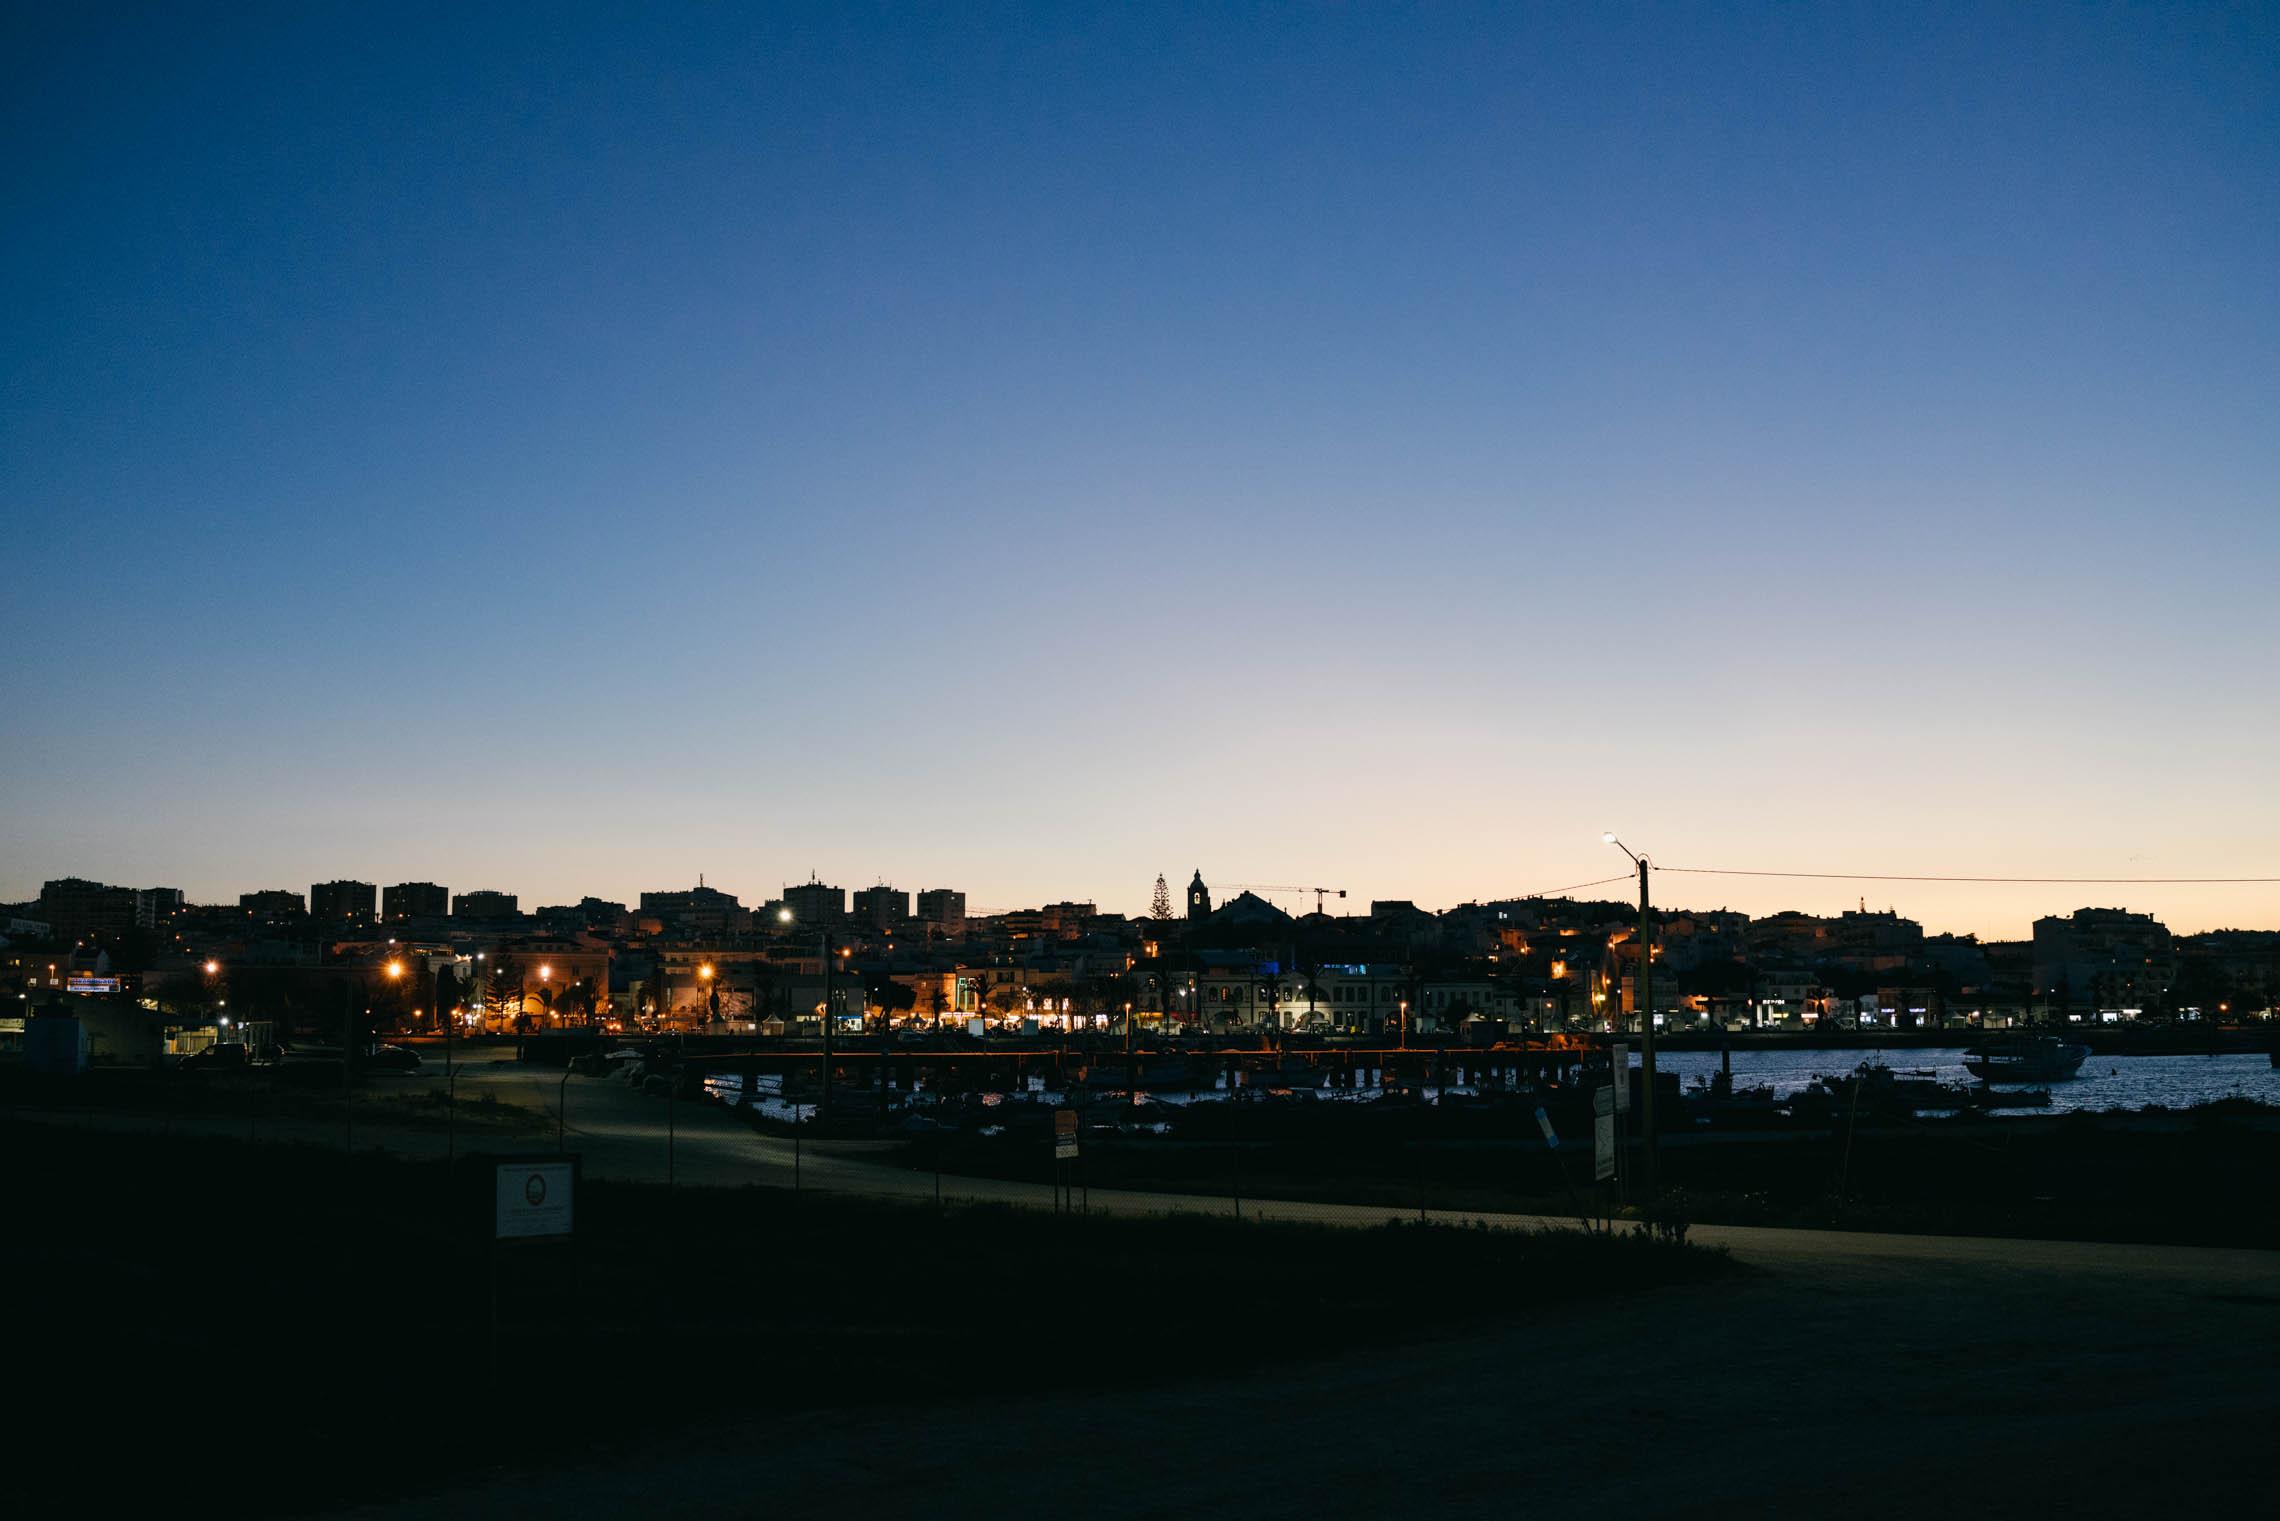 meia-praia-dusk-01@2x